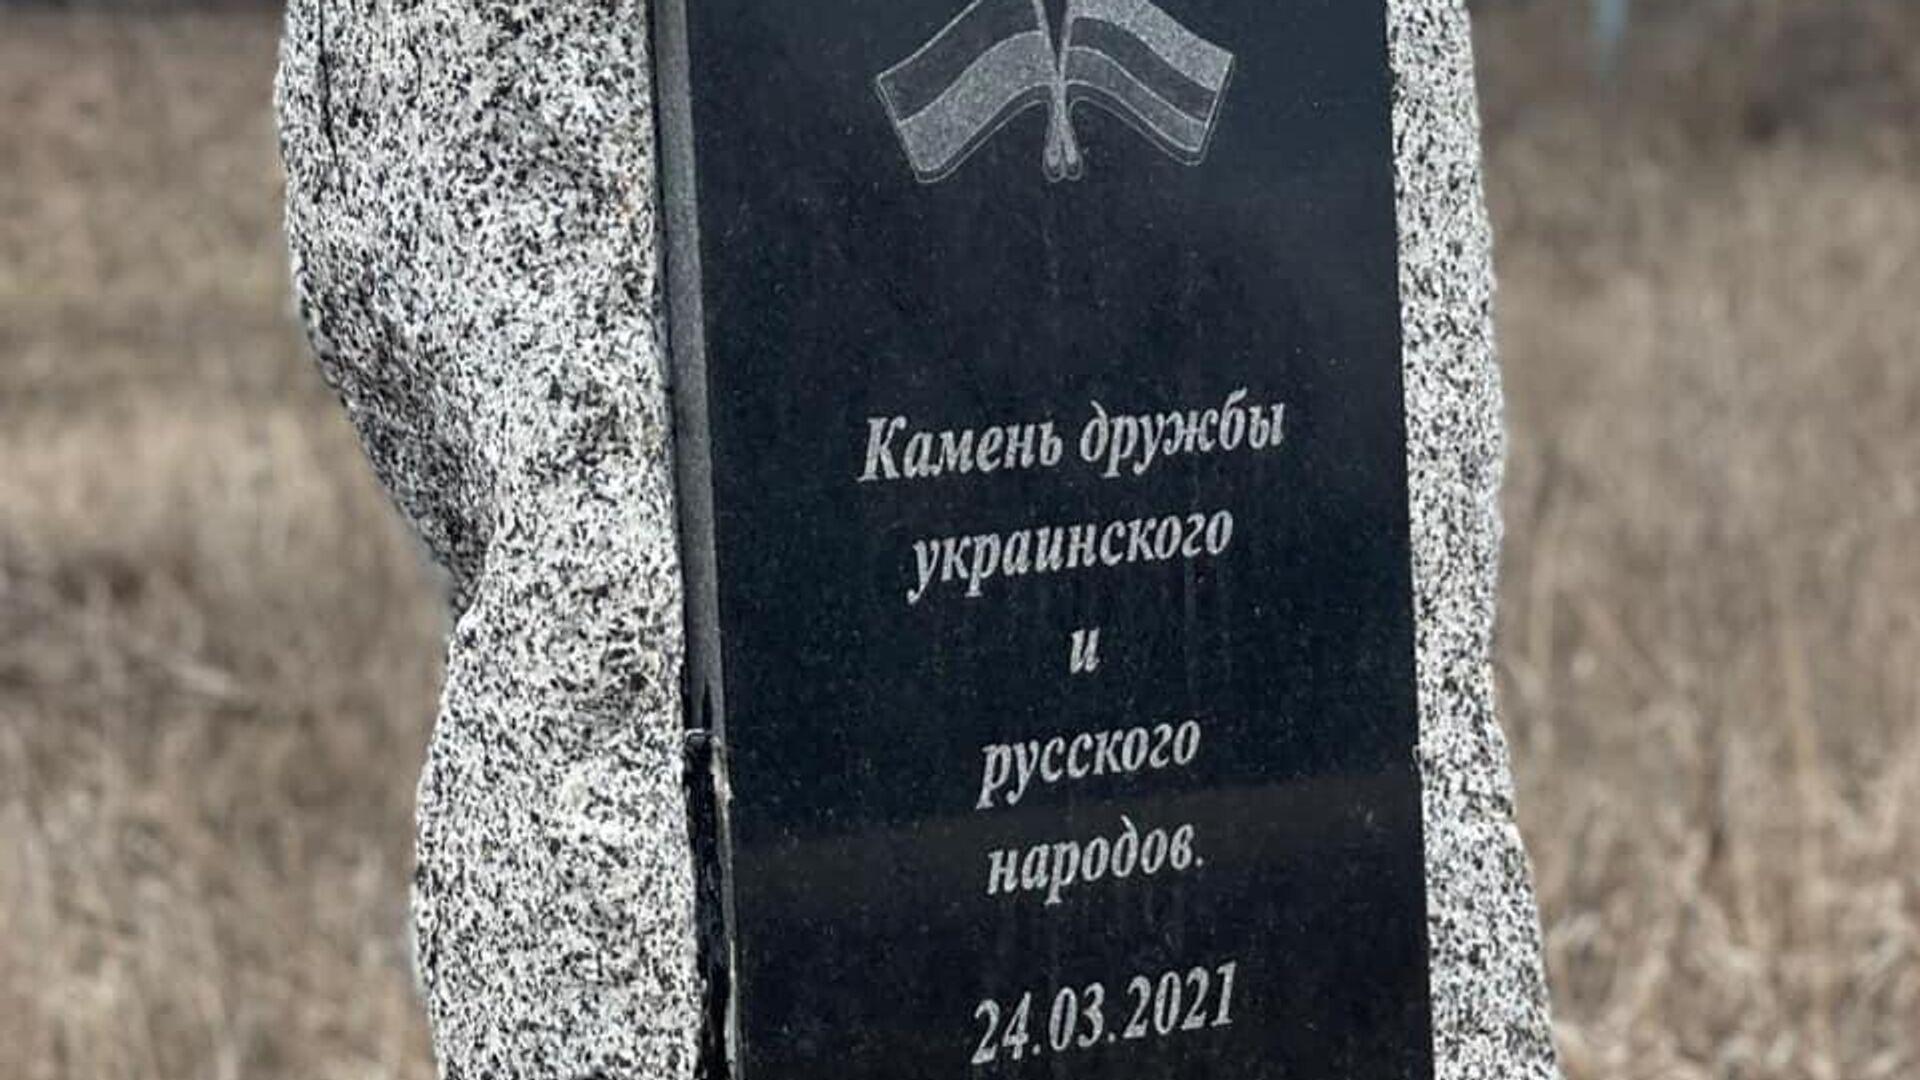 Памятный знак дружбы украинского и русского народов под Харьковом - РИА Новости, 1920, 13.07.2021